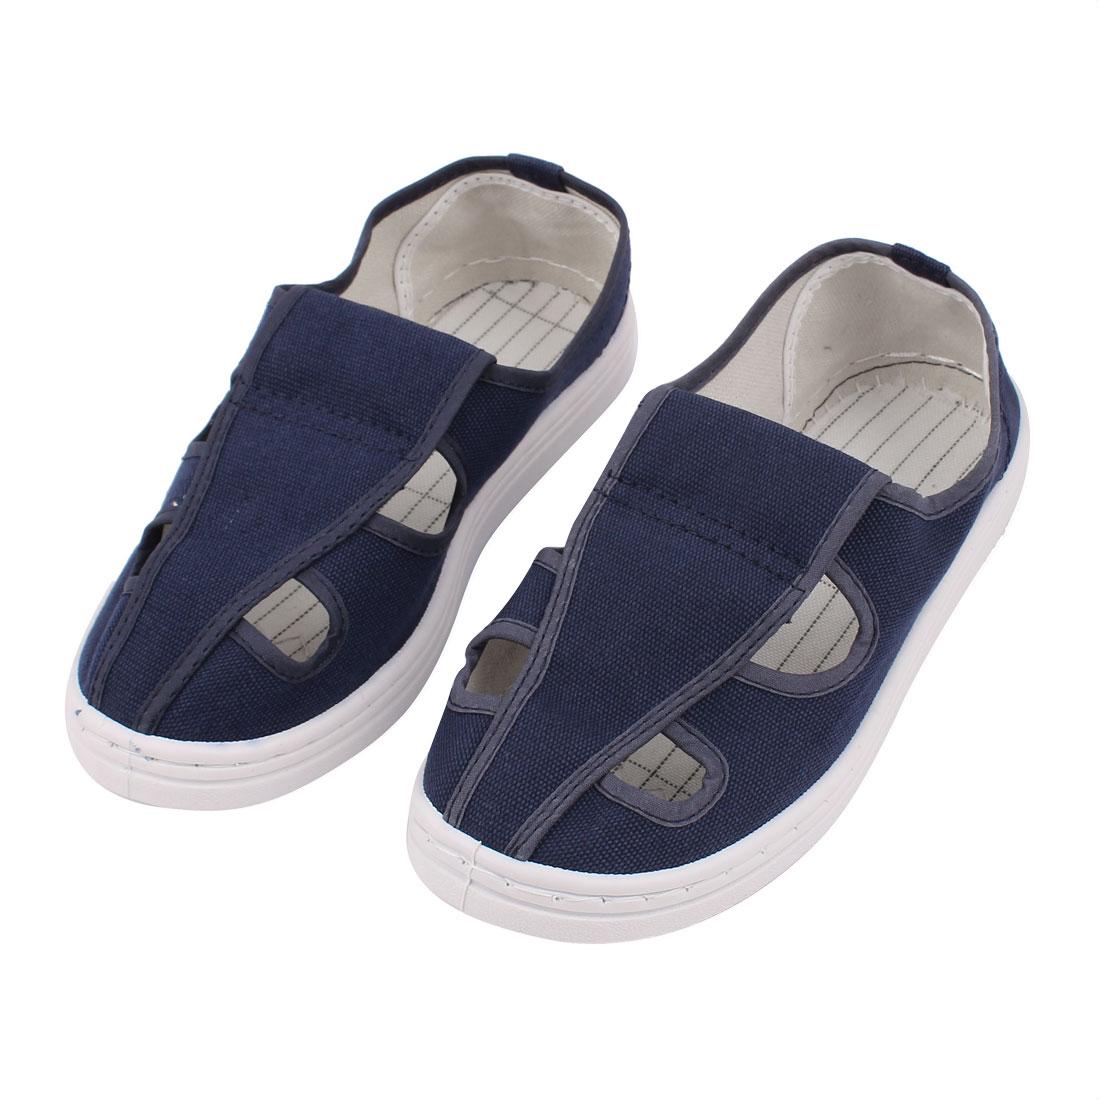 US5.5 UK3 EU36 PVC Hard Bottom Nonslip Flat Sole Anti-static 4-Hole Canvas Shoes